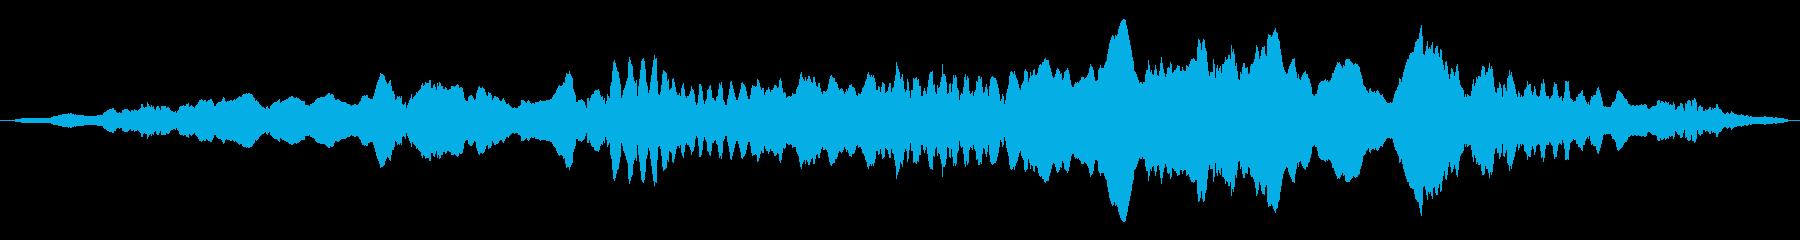 ドローン オルガンドローン01の再生済みの波形